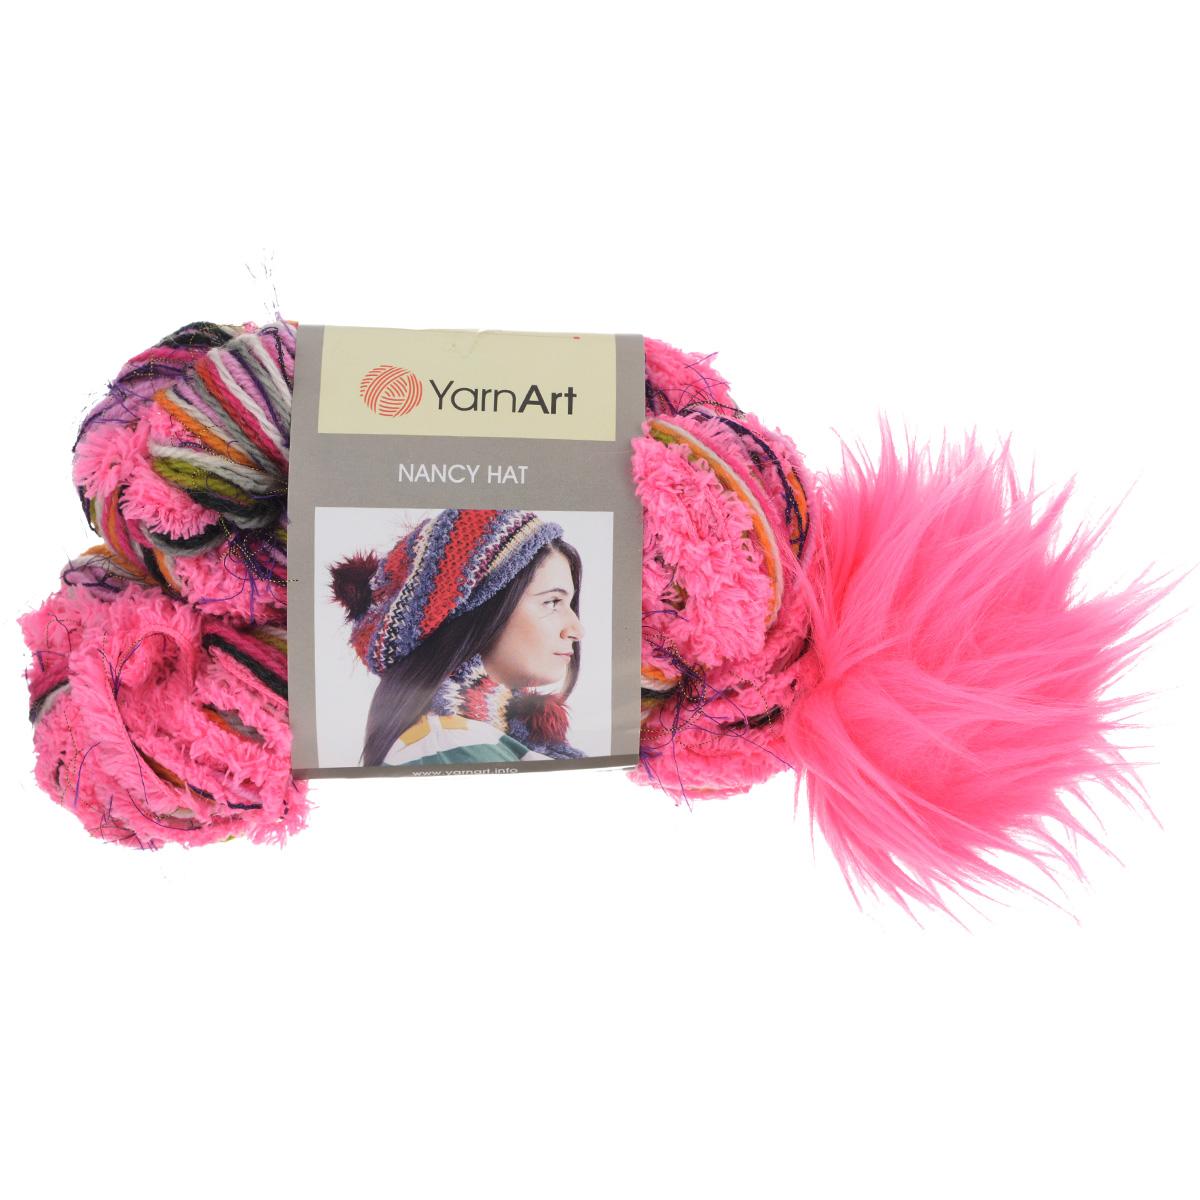 Пряжа для вязания YarnArt Nancy Hat, цвет: розовый, сиреневый, белый (708), 135 м, 85 г, 3 шт549380_708Оригинальная фантазийная пряжа для вязания YarnArt Nancy Hat предназначена для вязания шапочек. Одного мотка хватает для того, чтобы связать шапку с помпоном. Помпон привязан к мотку и по окончании работы привязывается к нужному месту на шапочке. Пряжа чередует в себе разную фактуру и цвета, по ходу вязания формируя озорную молодежную шапочку. Состав: 10% шерсть, 40% акрил, 35% микрополиамид, 15% полиэстер. Рекомендуемый размер спиц: №6. Рекомендуемый размер крючка: №6,5.